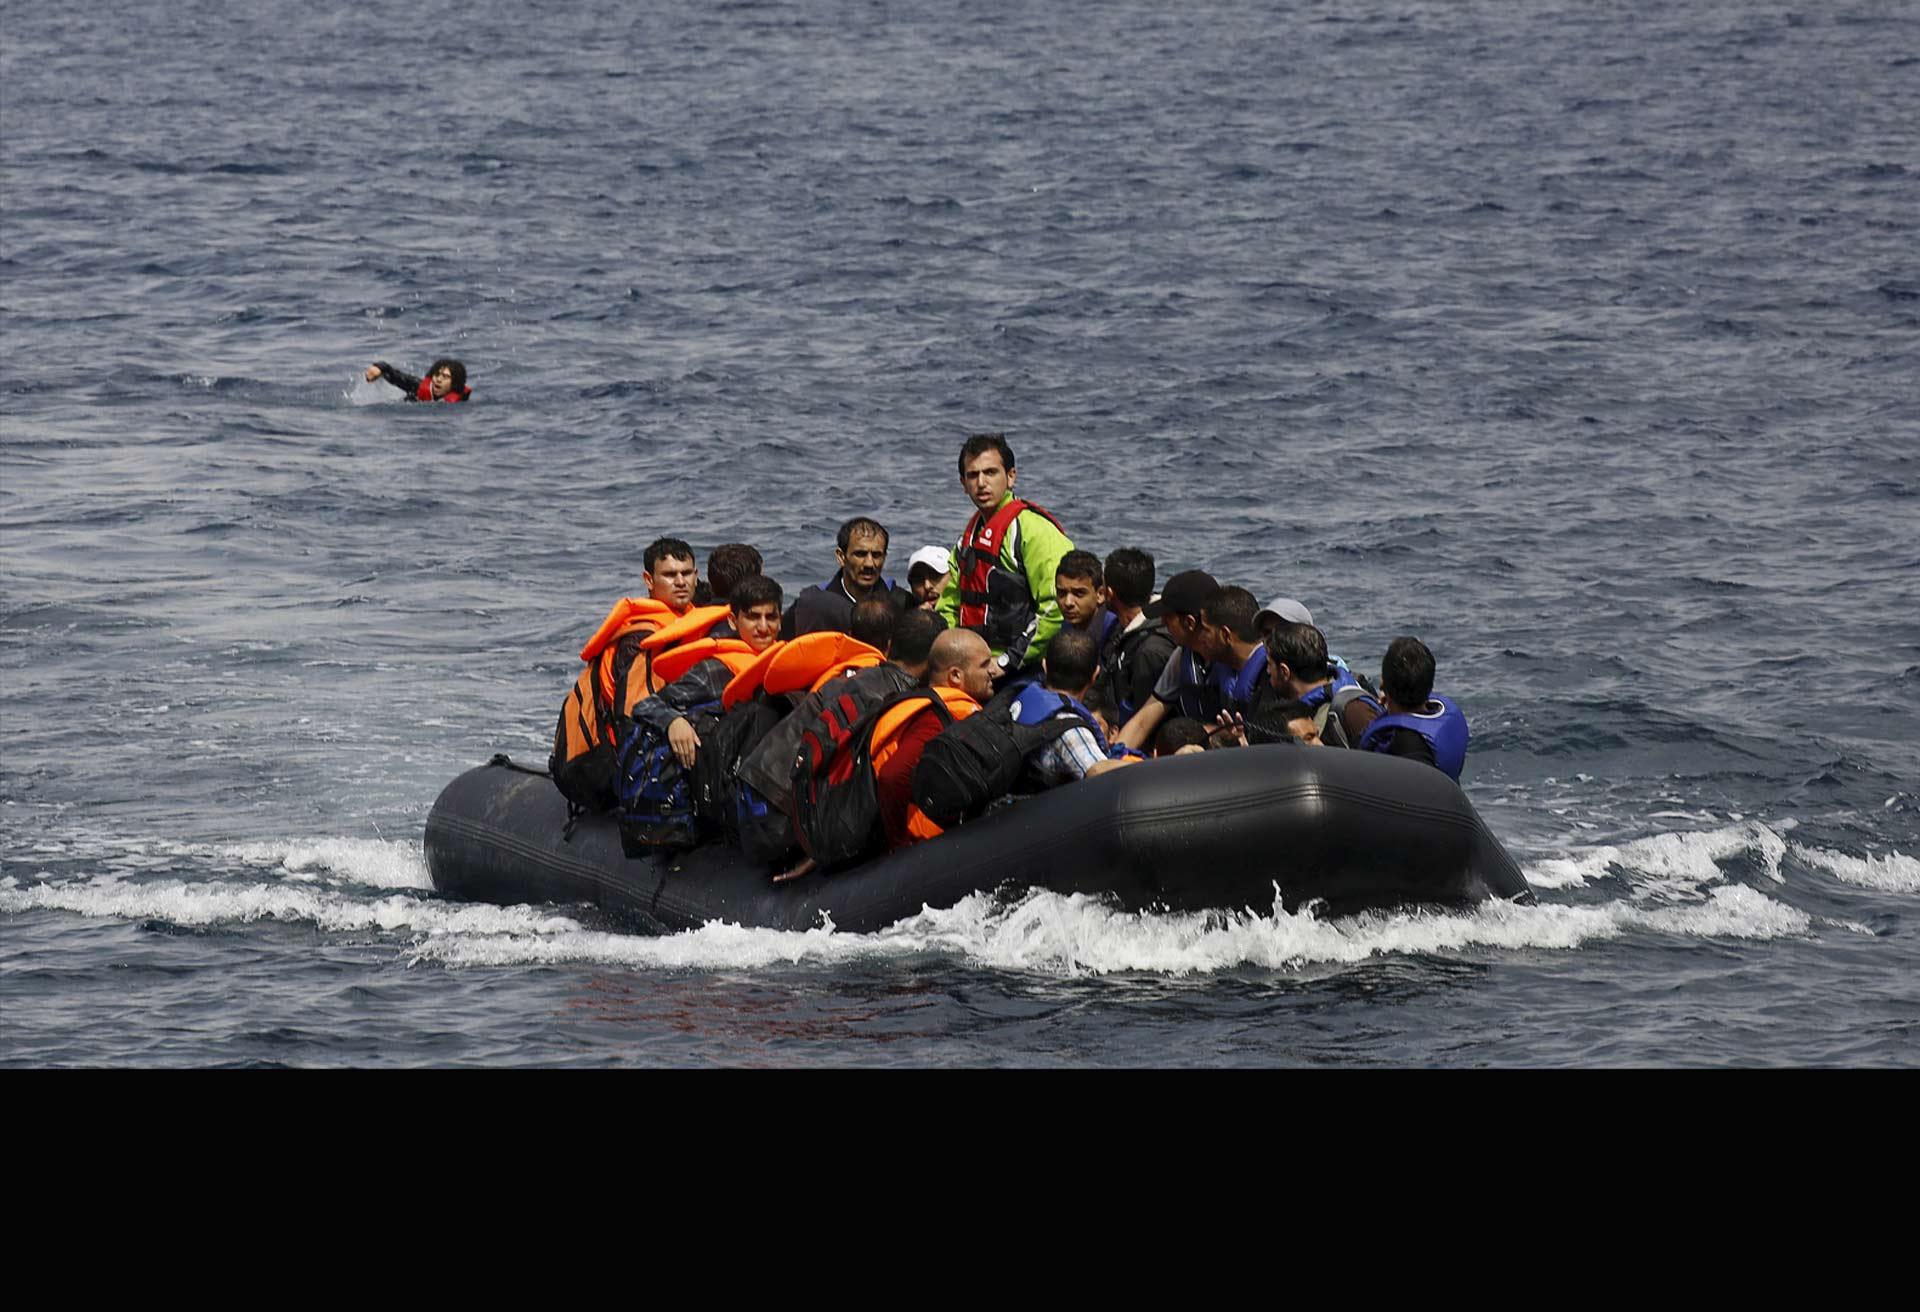 El 7 de octubre comenzará la misión militar contra contra las redes de traficantes de personas en Europa